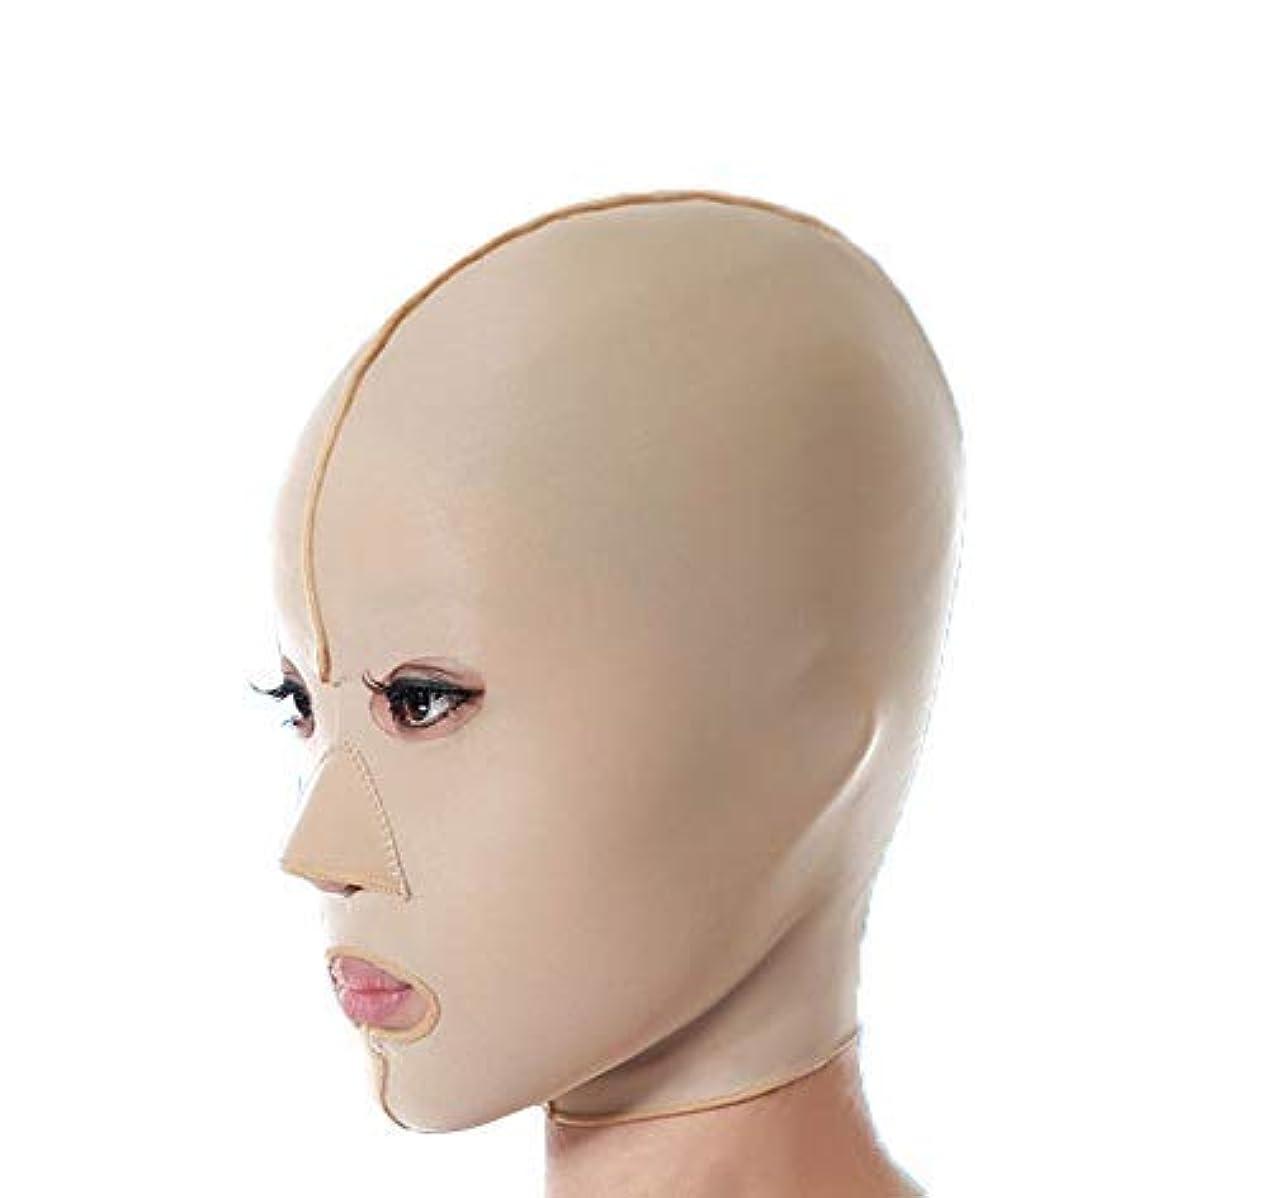 ために癒すコールファーミングフェイスマスク、フェイシャルマスク医学強力なフェイスマスクアーティファクト美容垂れ防止法パターンフェイシャルリフティングファーミングフルフェイスマスク(サイズ:M),ザ?